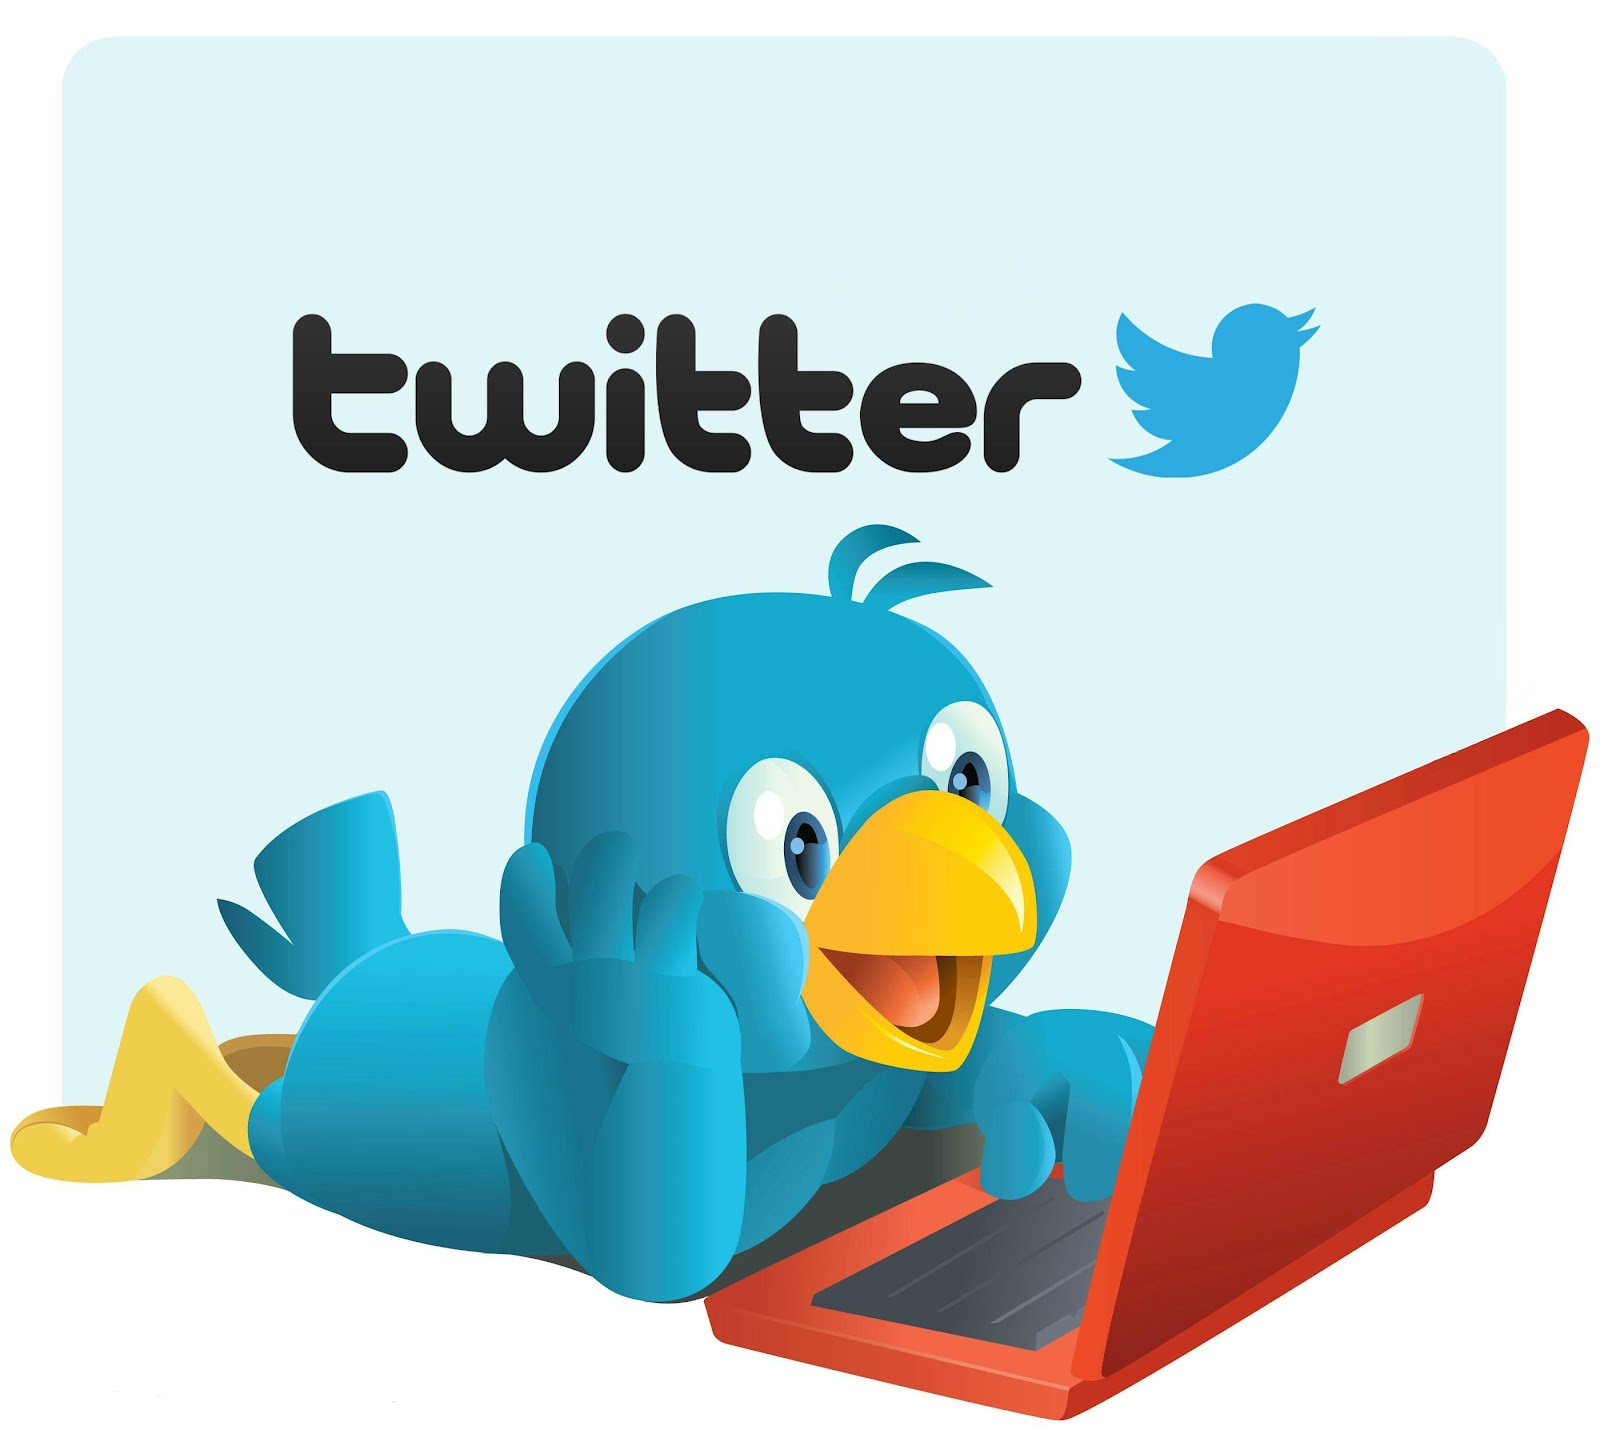 طريقة اضافة اكتر من حساب على تويتر في نفس الوقت على اندرويد